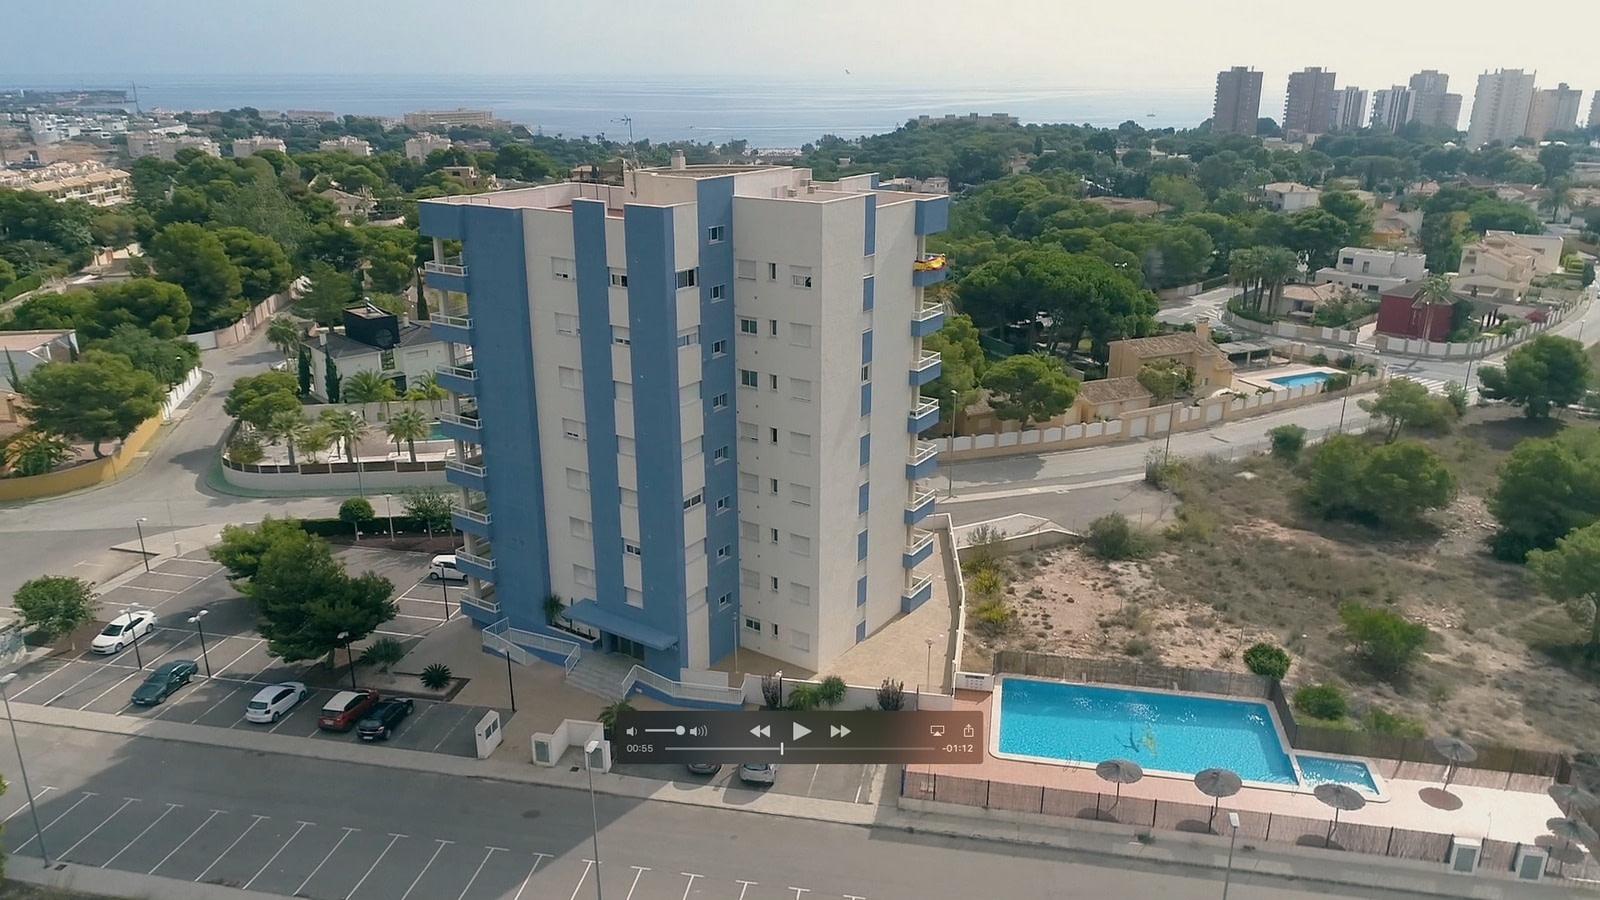 3 Camere | 90mp | Alicante |Mare| Spania | Investitie |